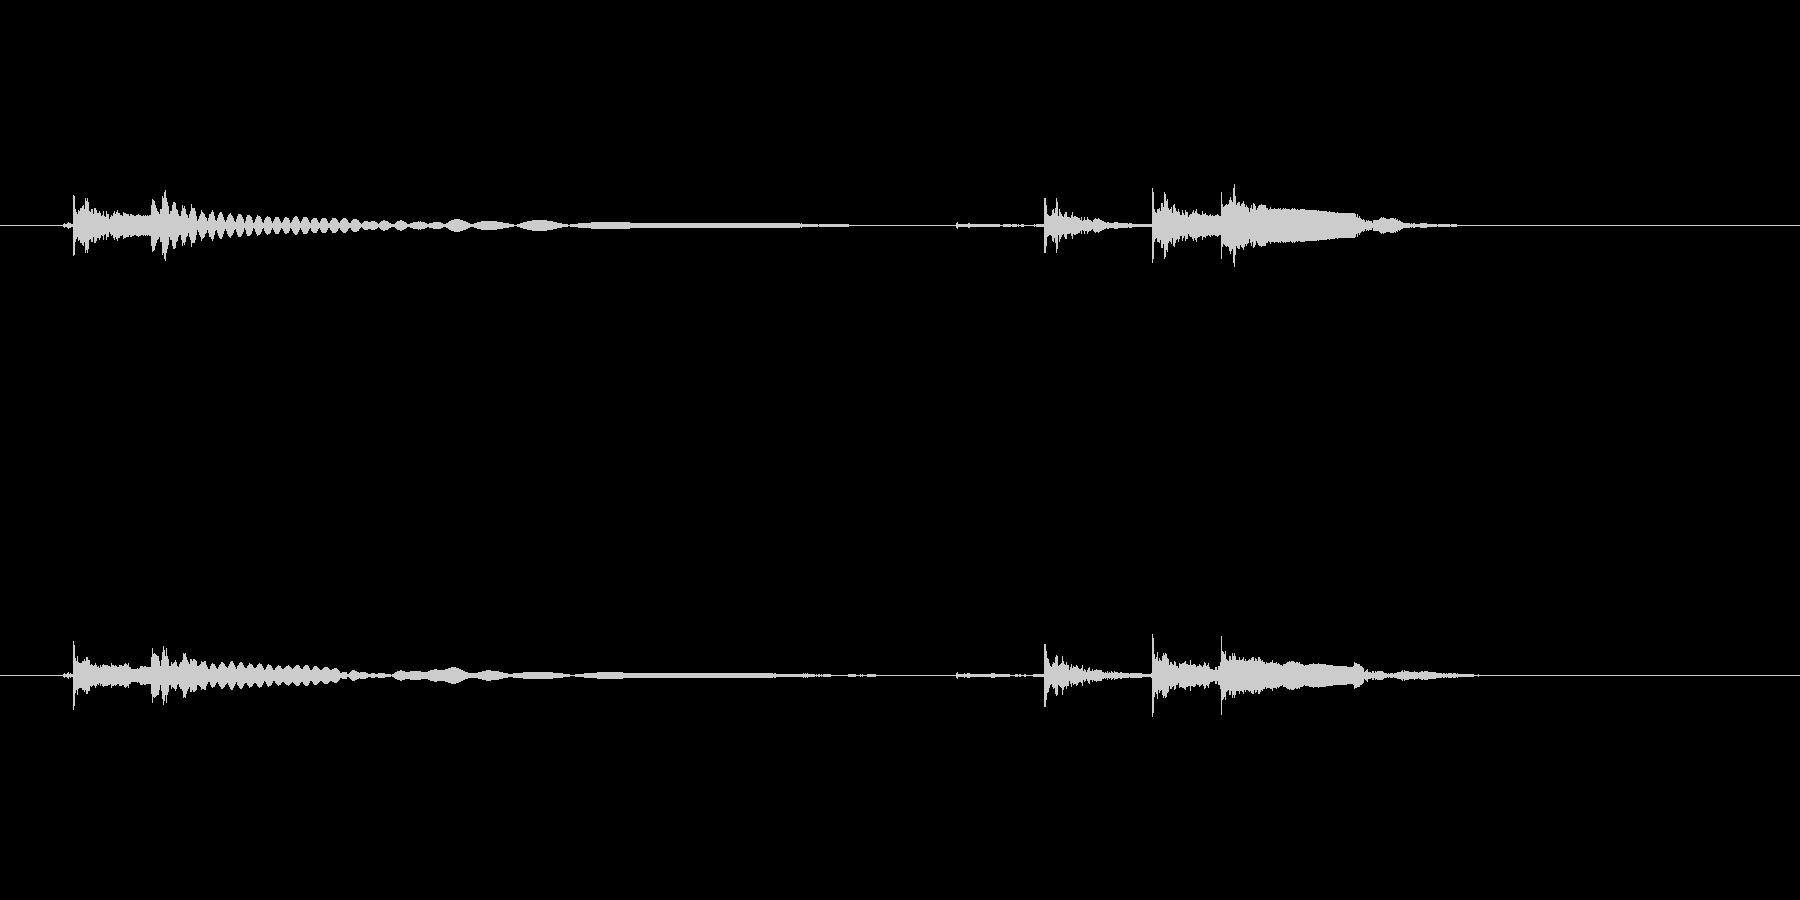 エレキギター54弦チューニング リバーブの未再生の波形